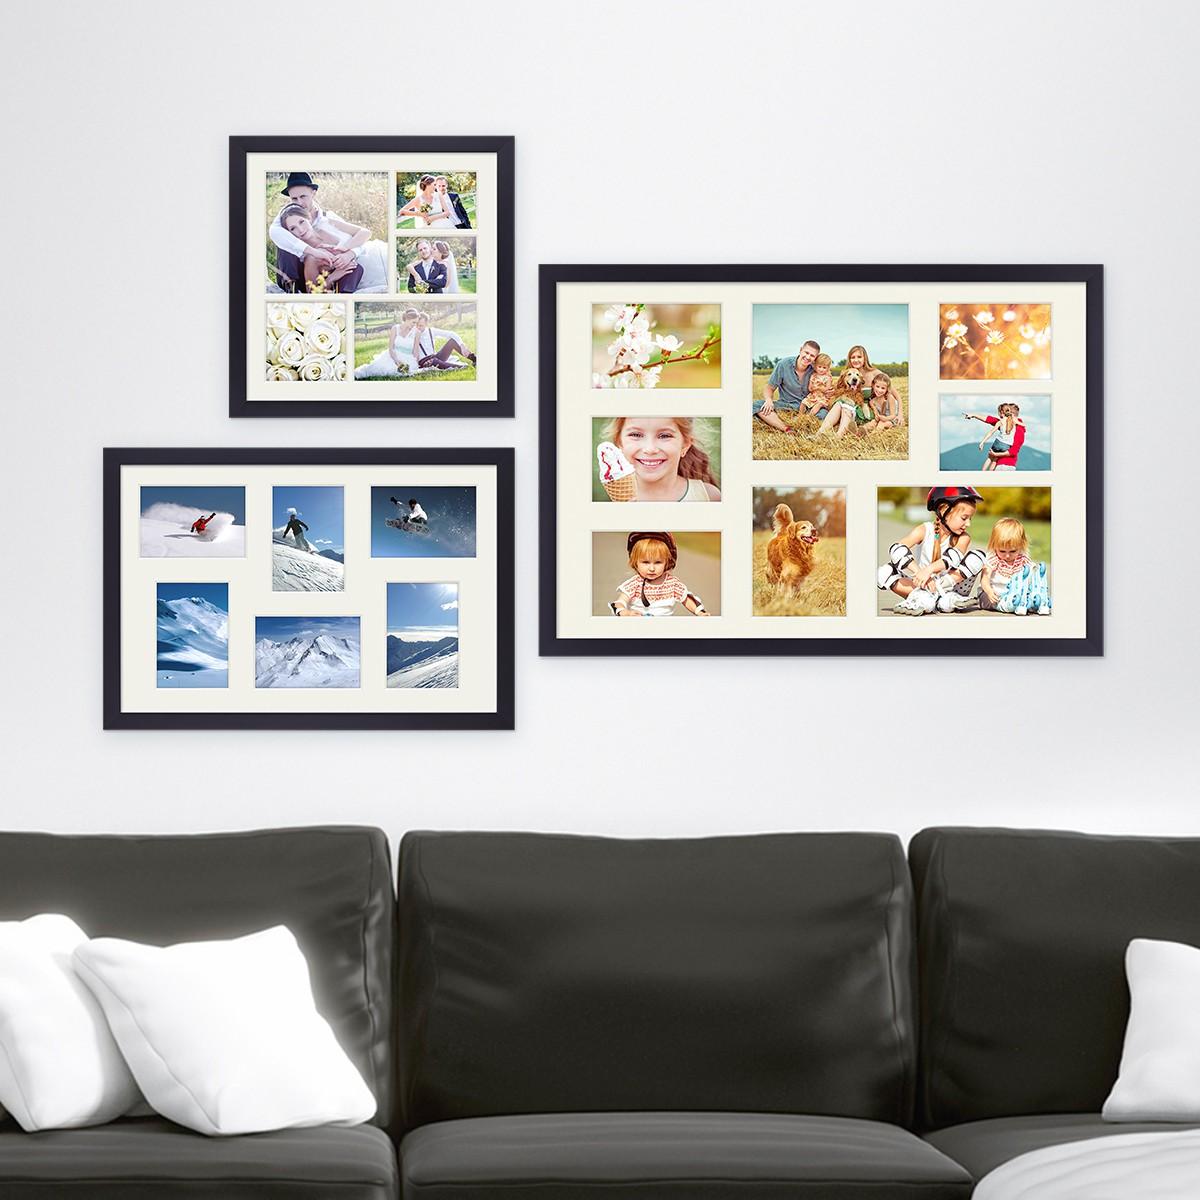 fotocollage bilderrahmen verschenken tipps tricks bilderrahmen verschenken. Black Bedroom Furniture Sets. Home Design Ideas